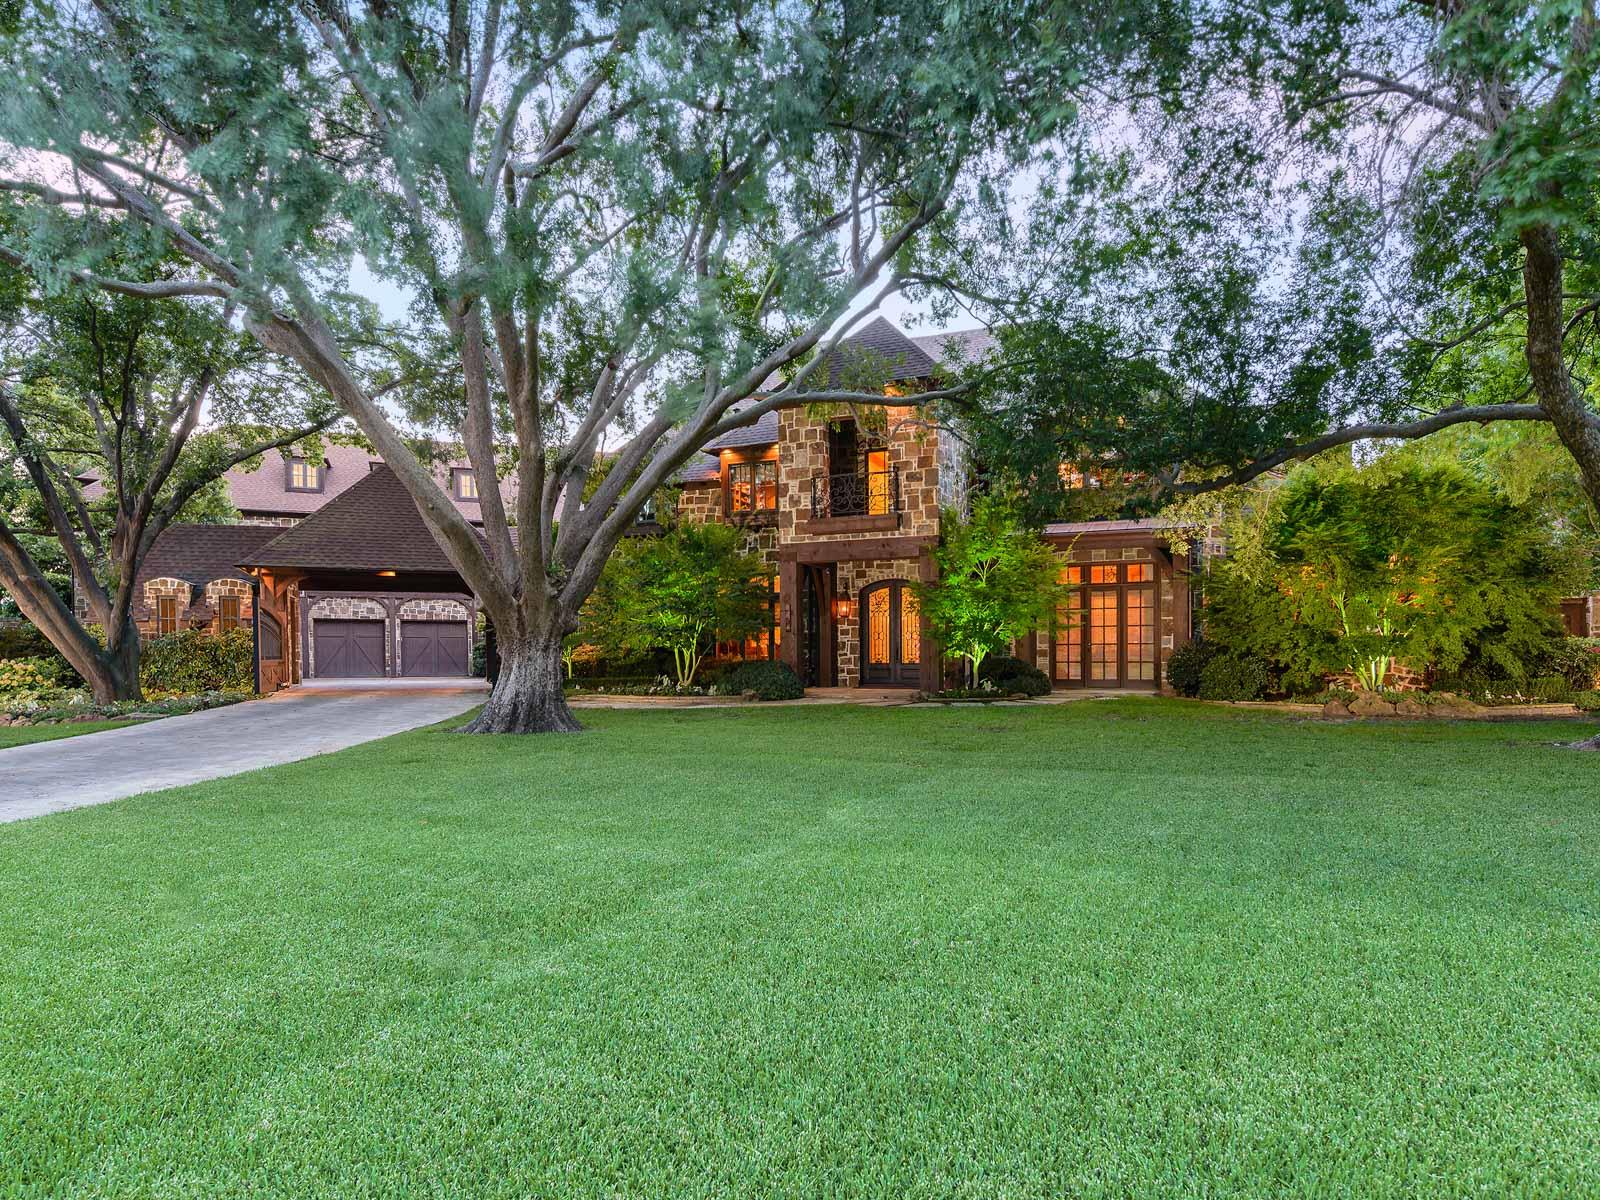 独户住宅 为 销售 在 Fabulous Preston Hollow Traditional 6311 Northport Drive Dallas, 得克萨斯州 75230 美国